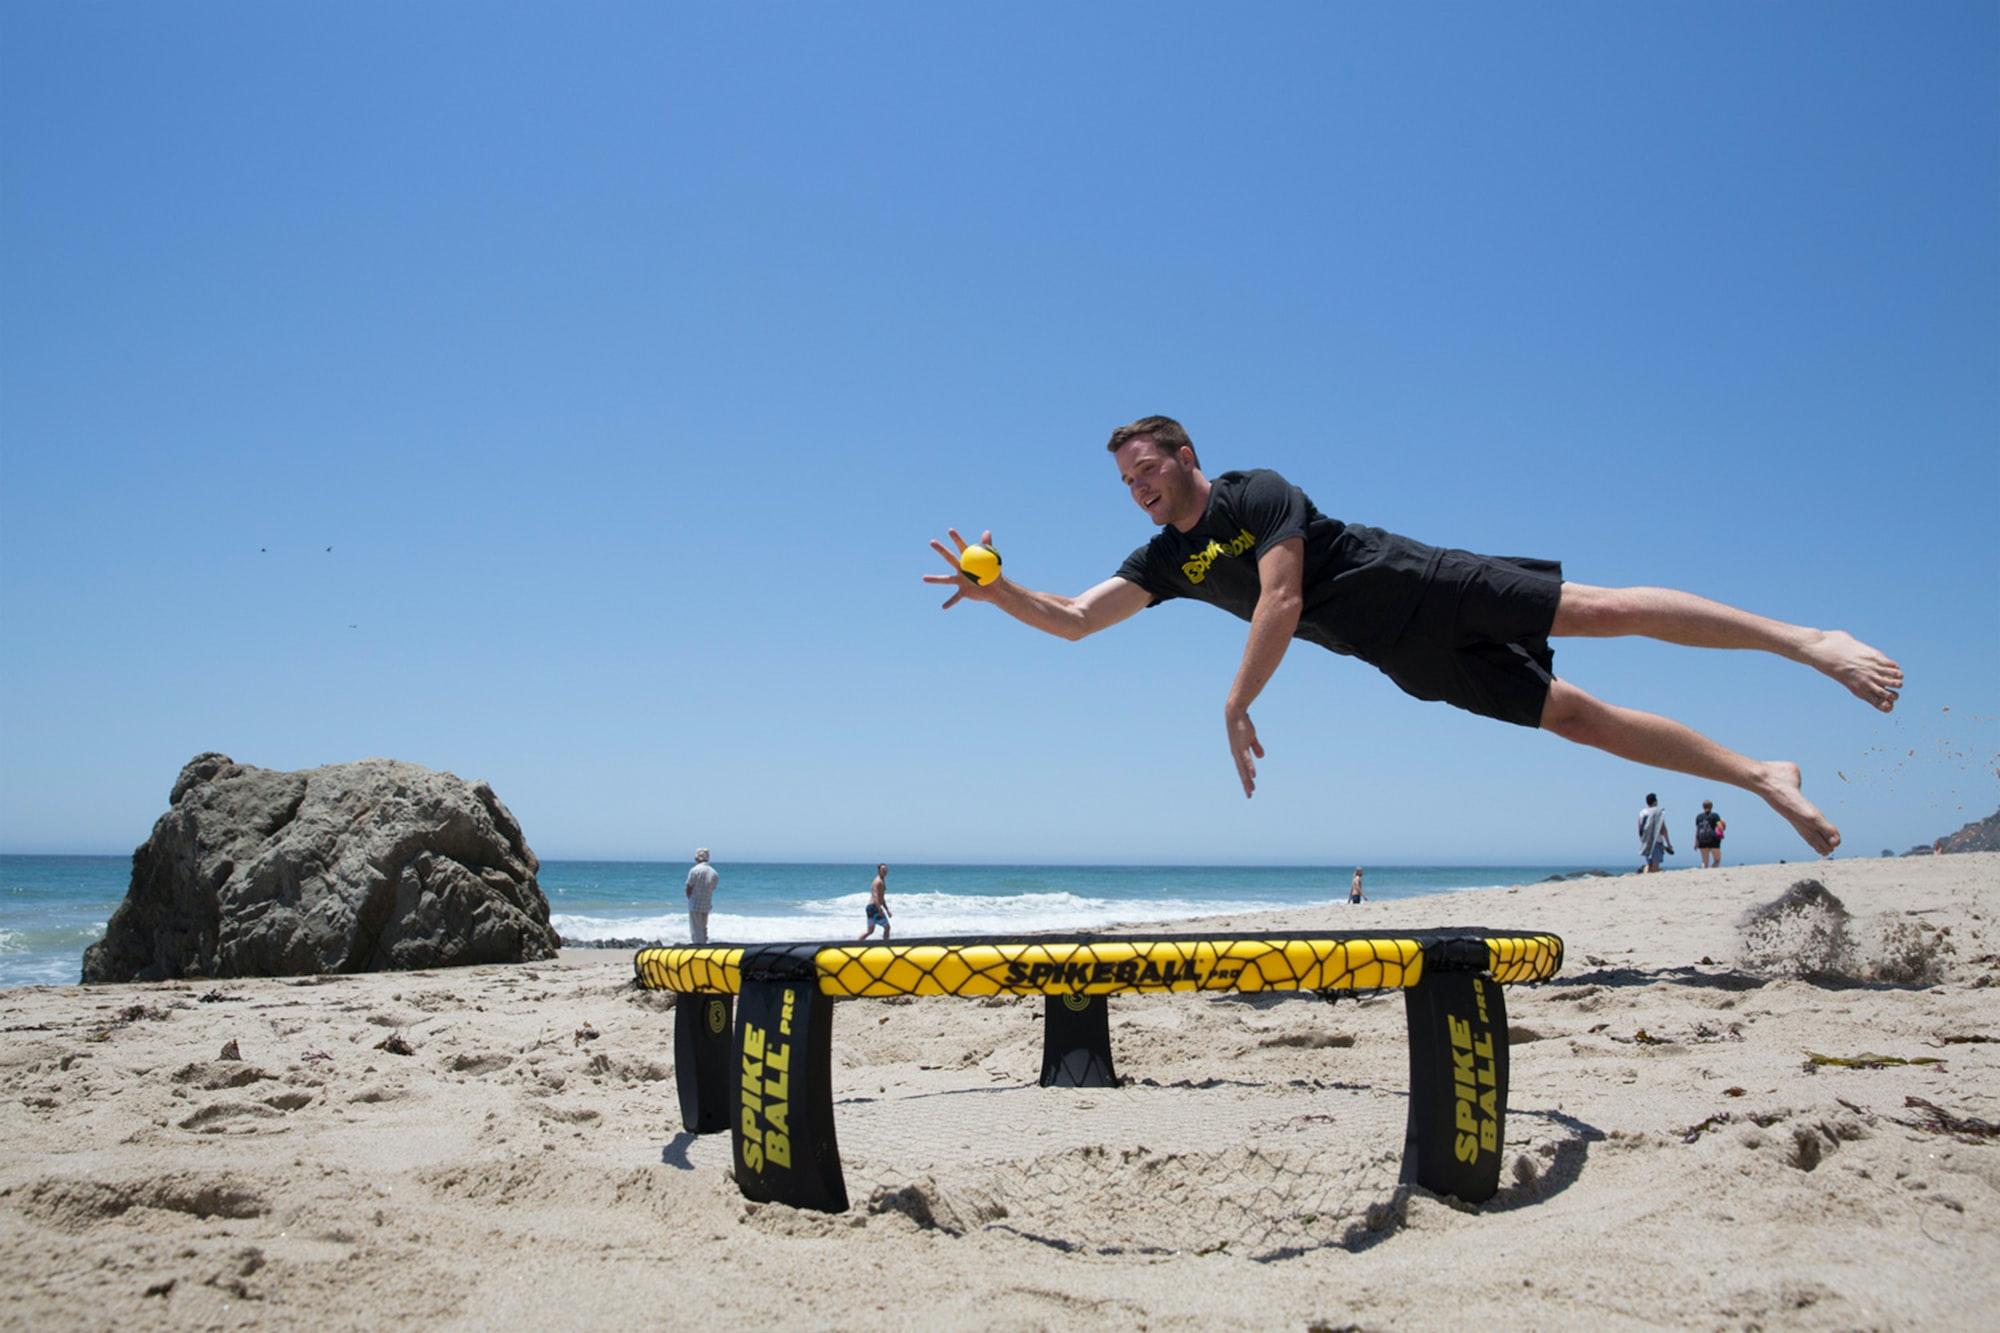 Guy diving for ball over Spikeball net on the beach